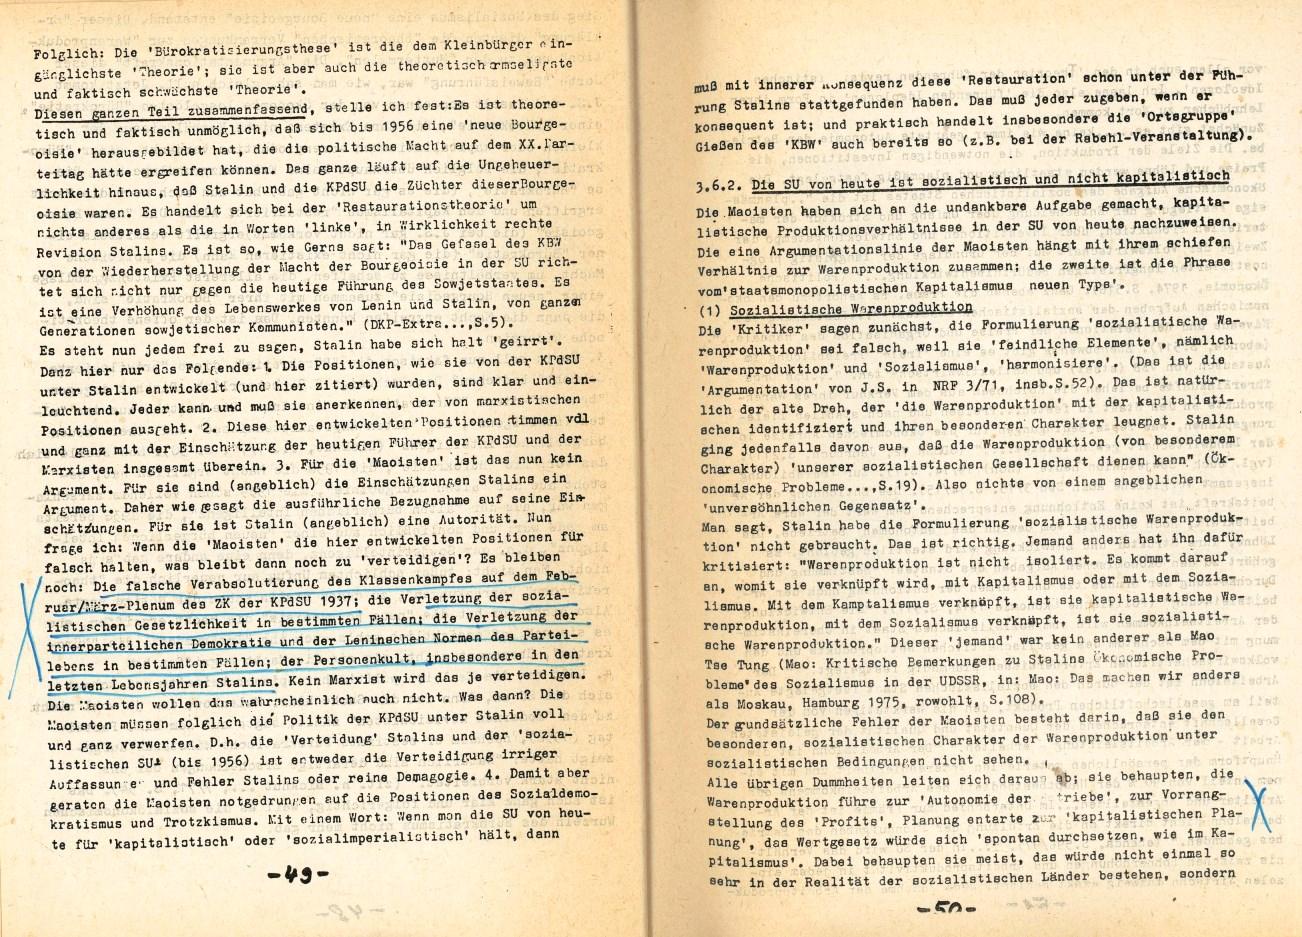 Giessen_MSB_1976_Der_KBW_eine_rechte_Organisation_27